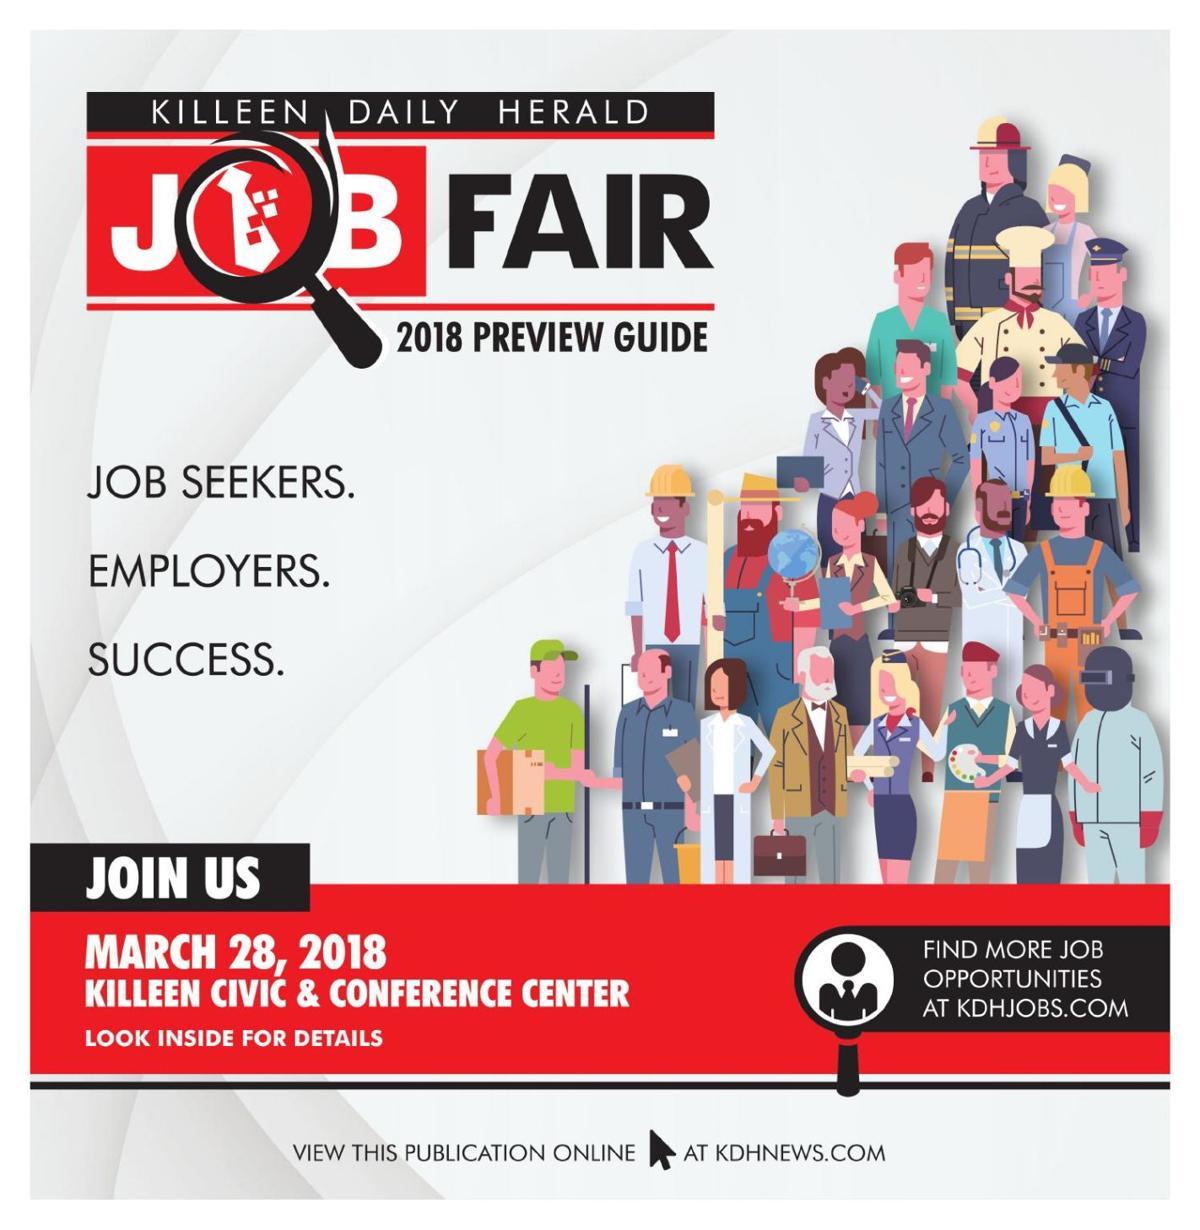 KDH Job Spring Fair 2018